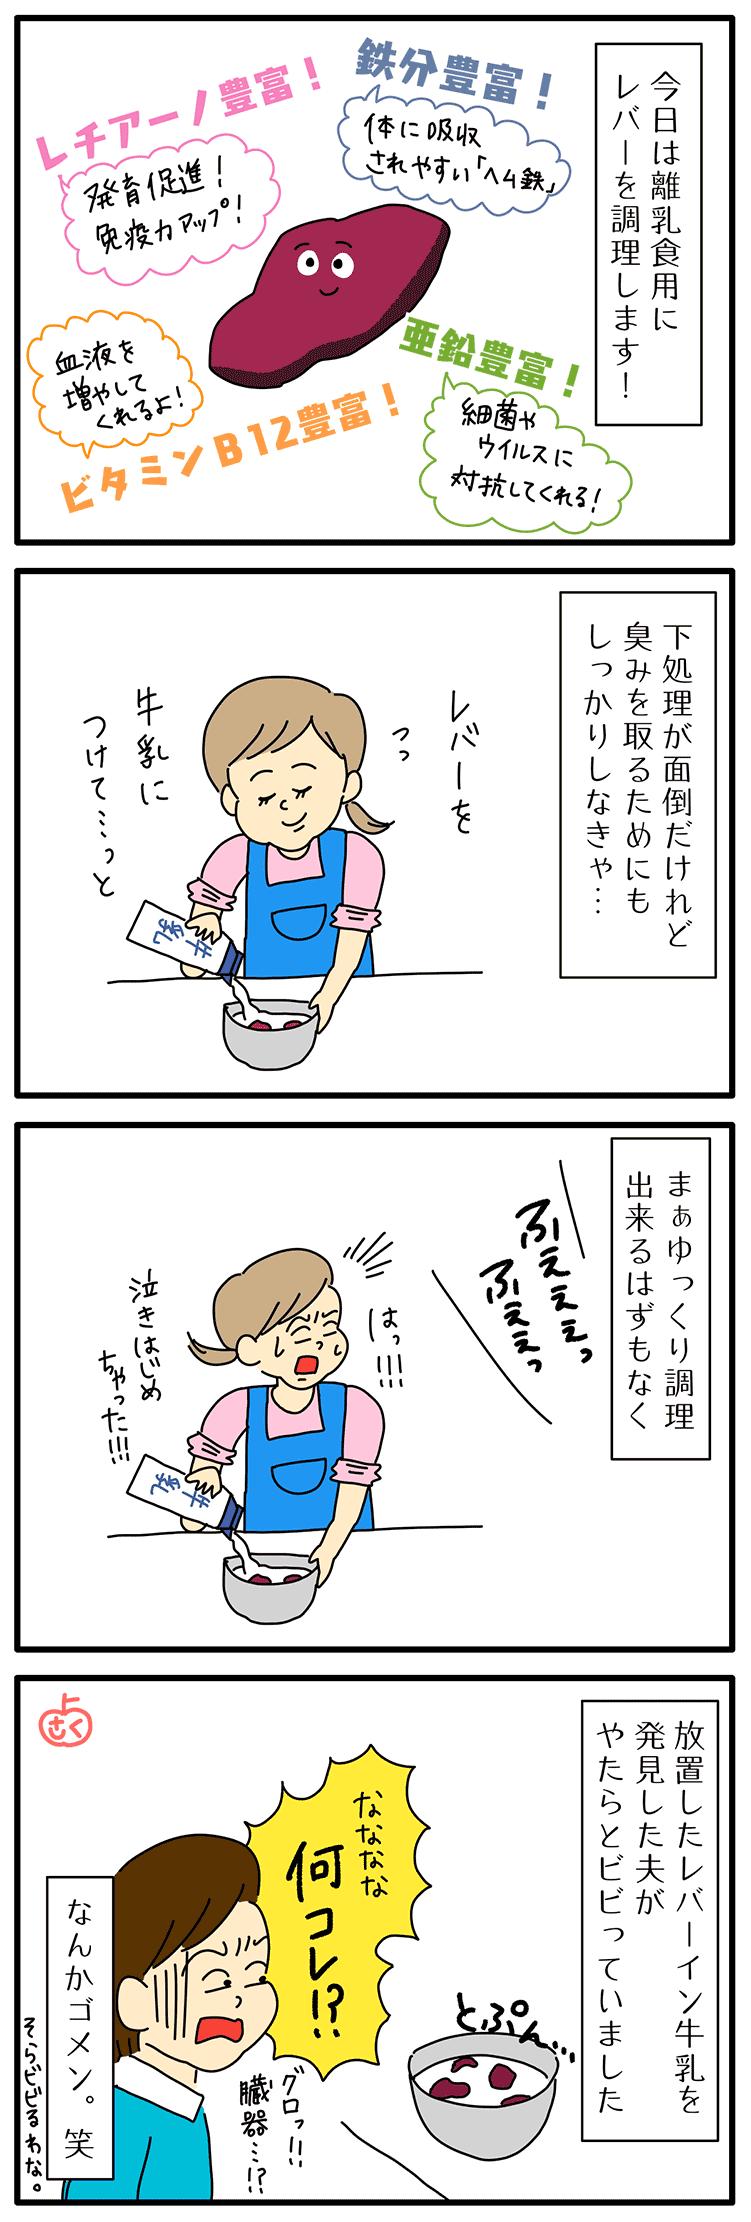 離乳食のレバーについての子育て4コマ漫画